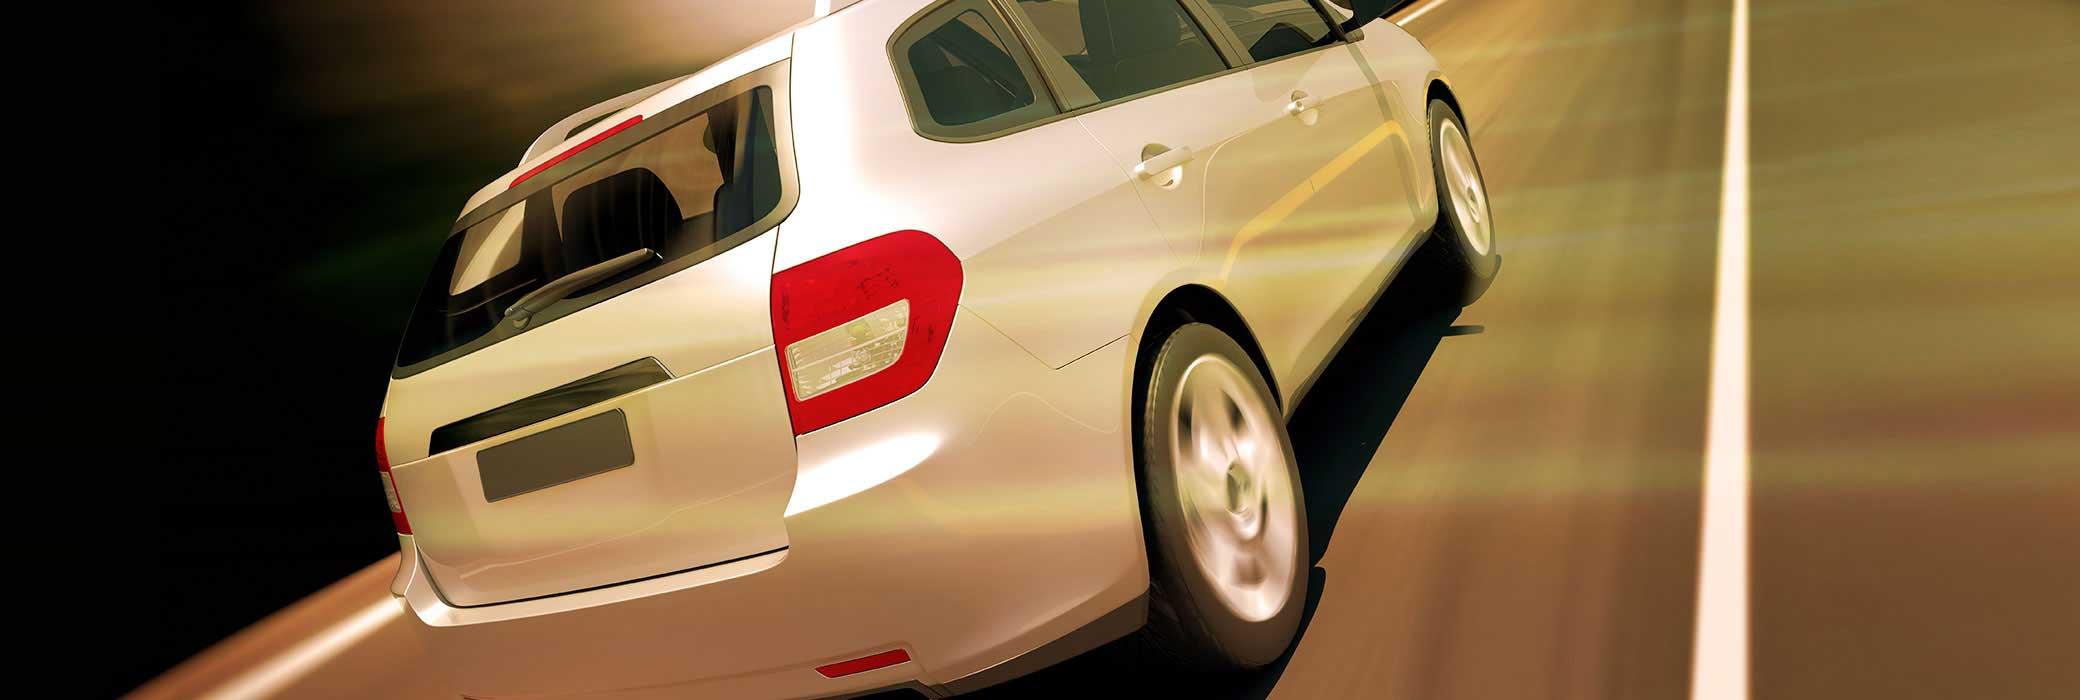 델코 자동차 배터리는 수많은 배터리 불량, 부식의 원인을 방지할 수 있도록 제작됩니다.